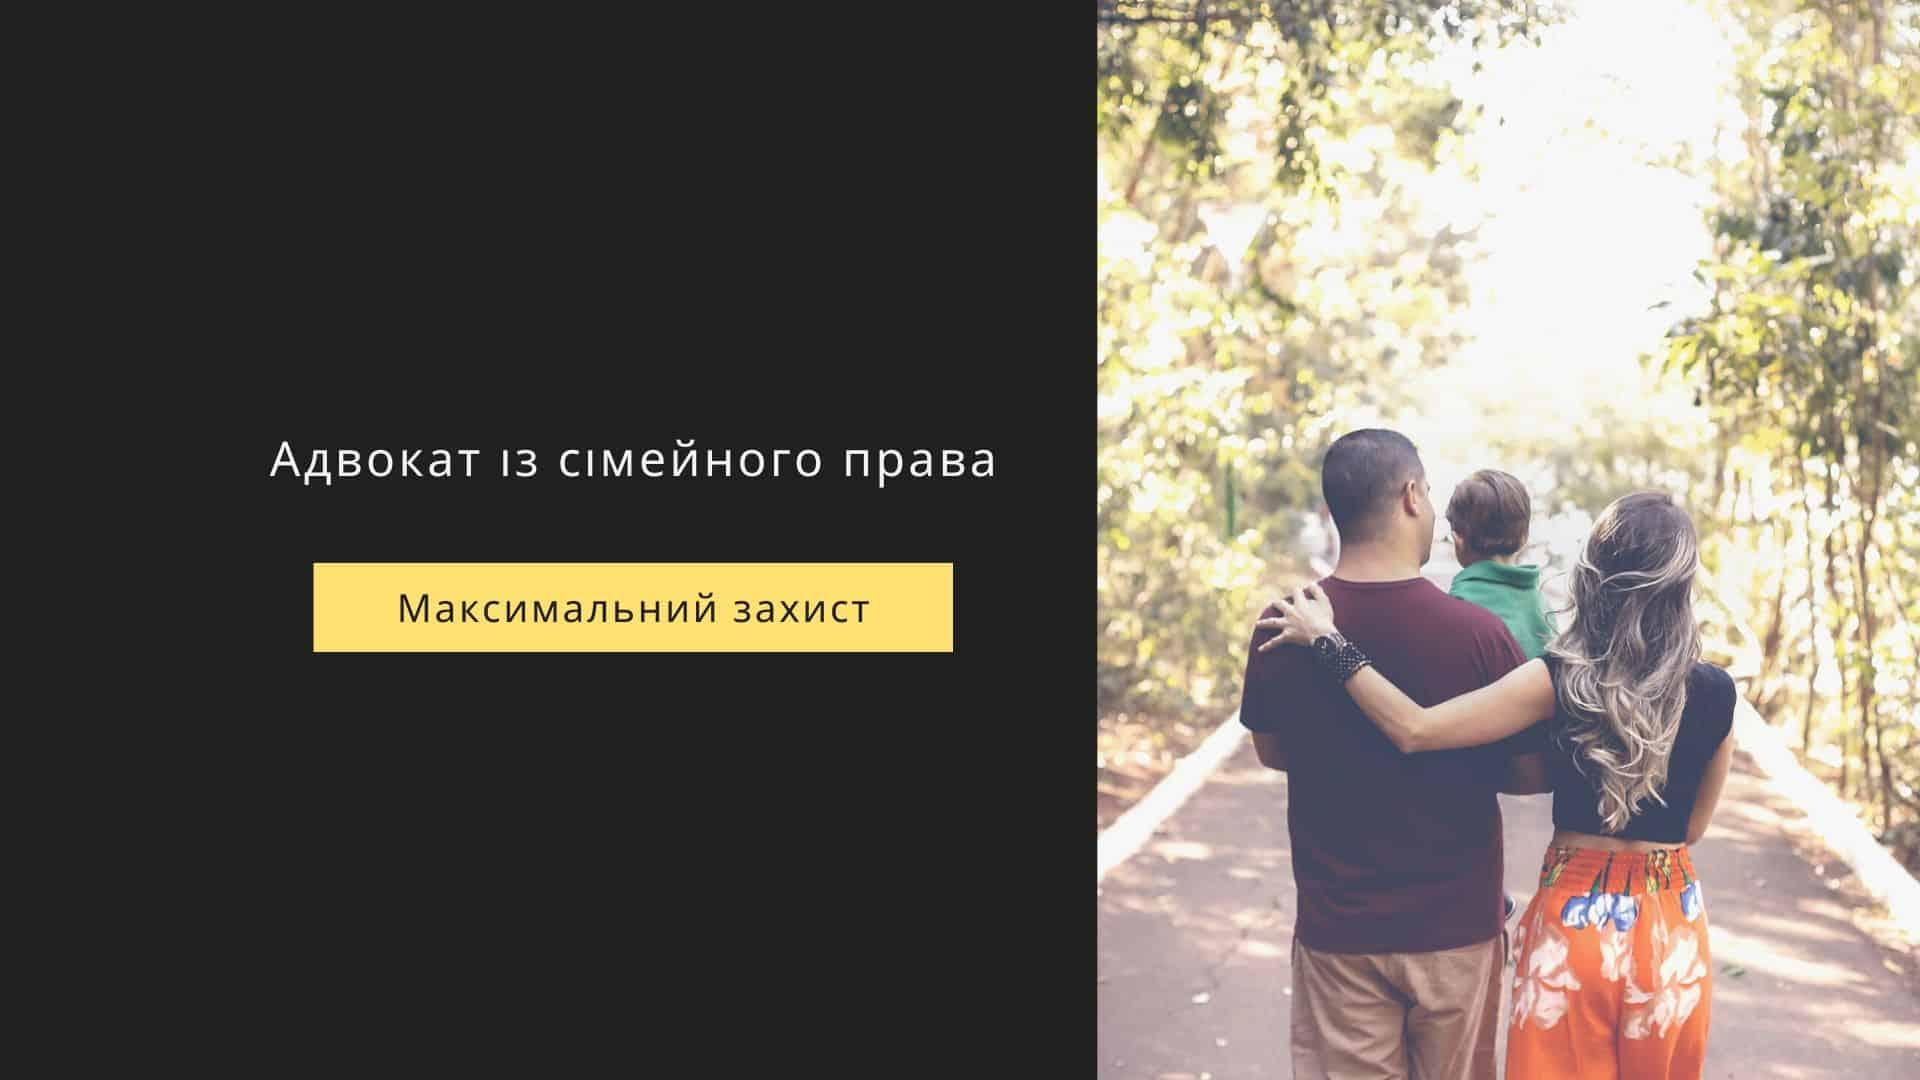 semya_uk